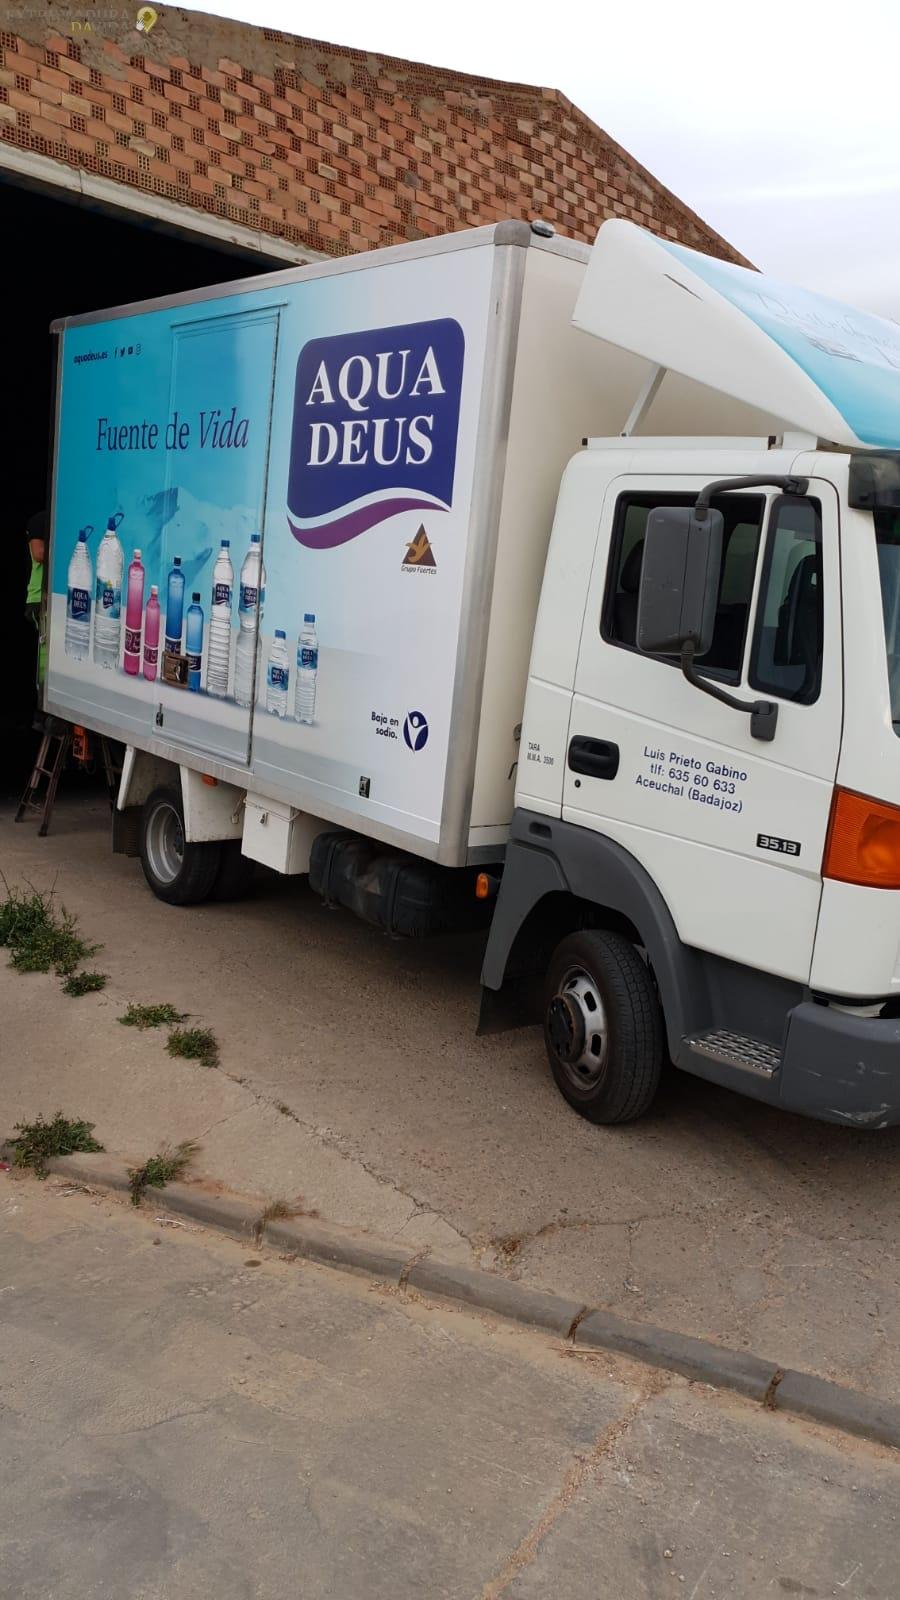 Distribución a tiendas Tierra de Barros Luis prieto Aceuchal (